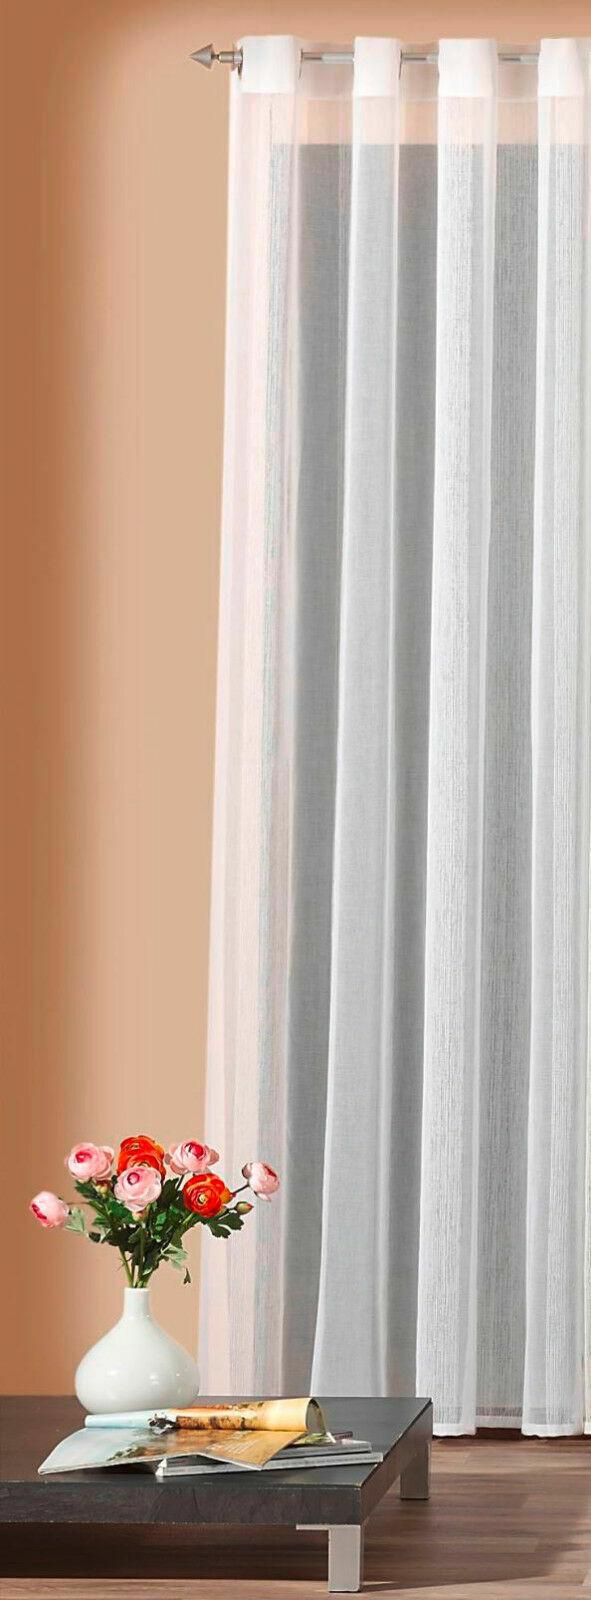 Ösenschal weiß Leinen Optik schöner Fall Dekoschal Vorhang Gardine Typ208